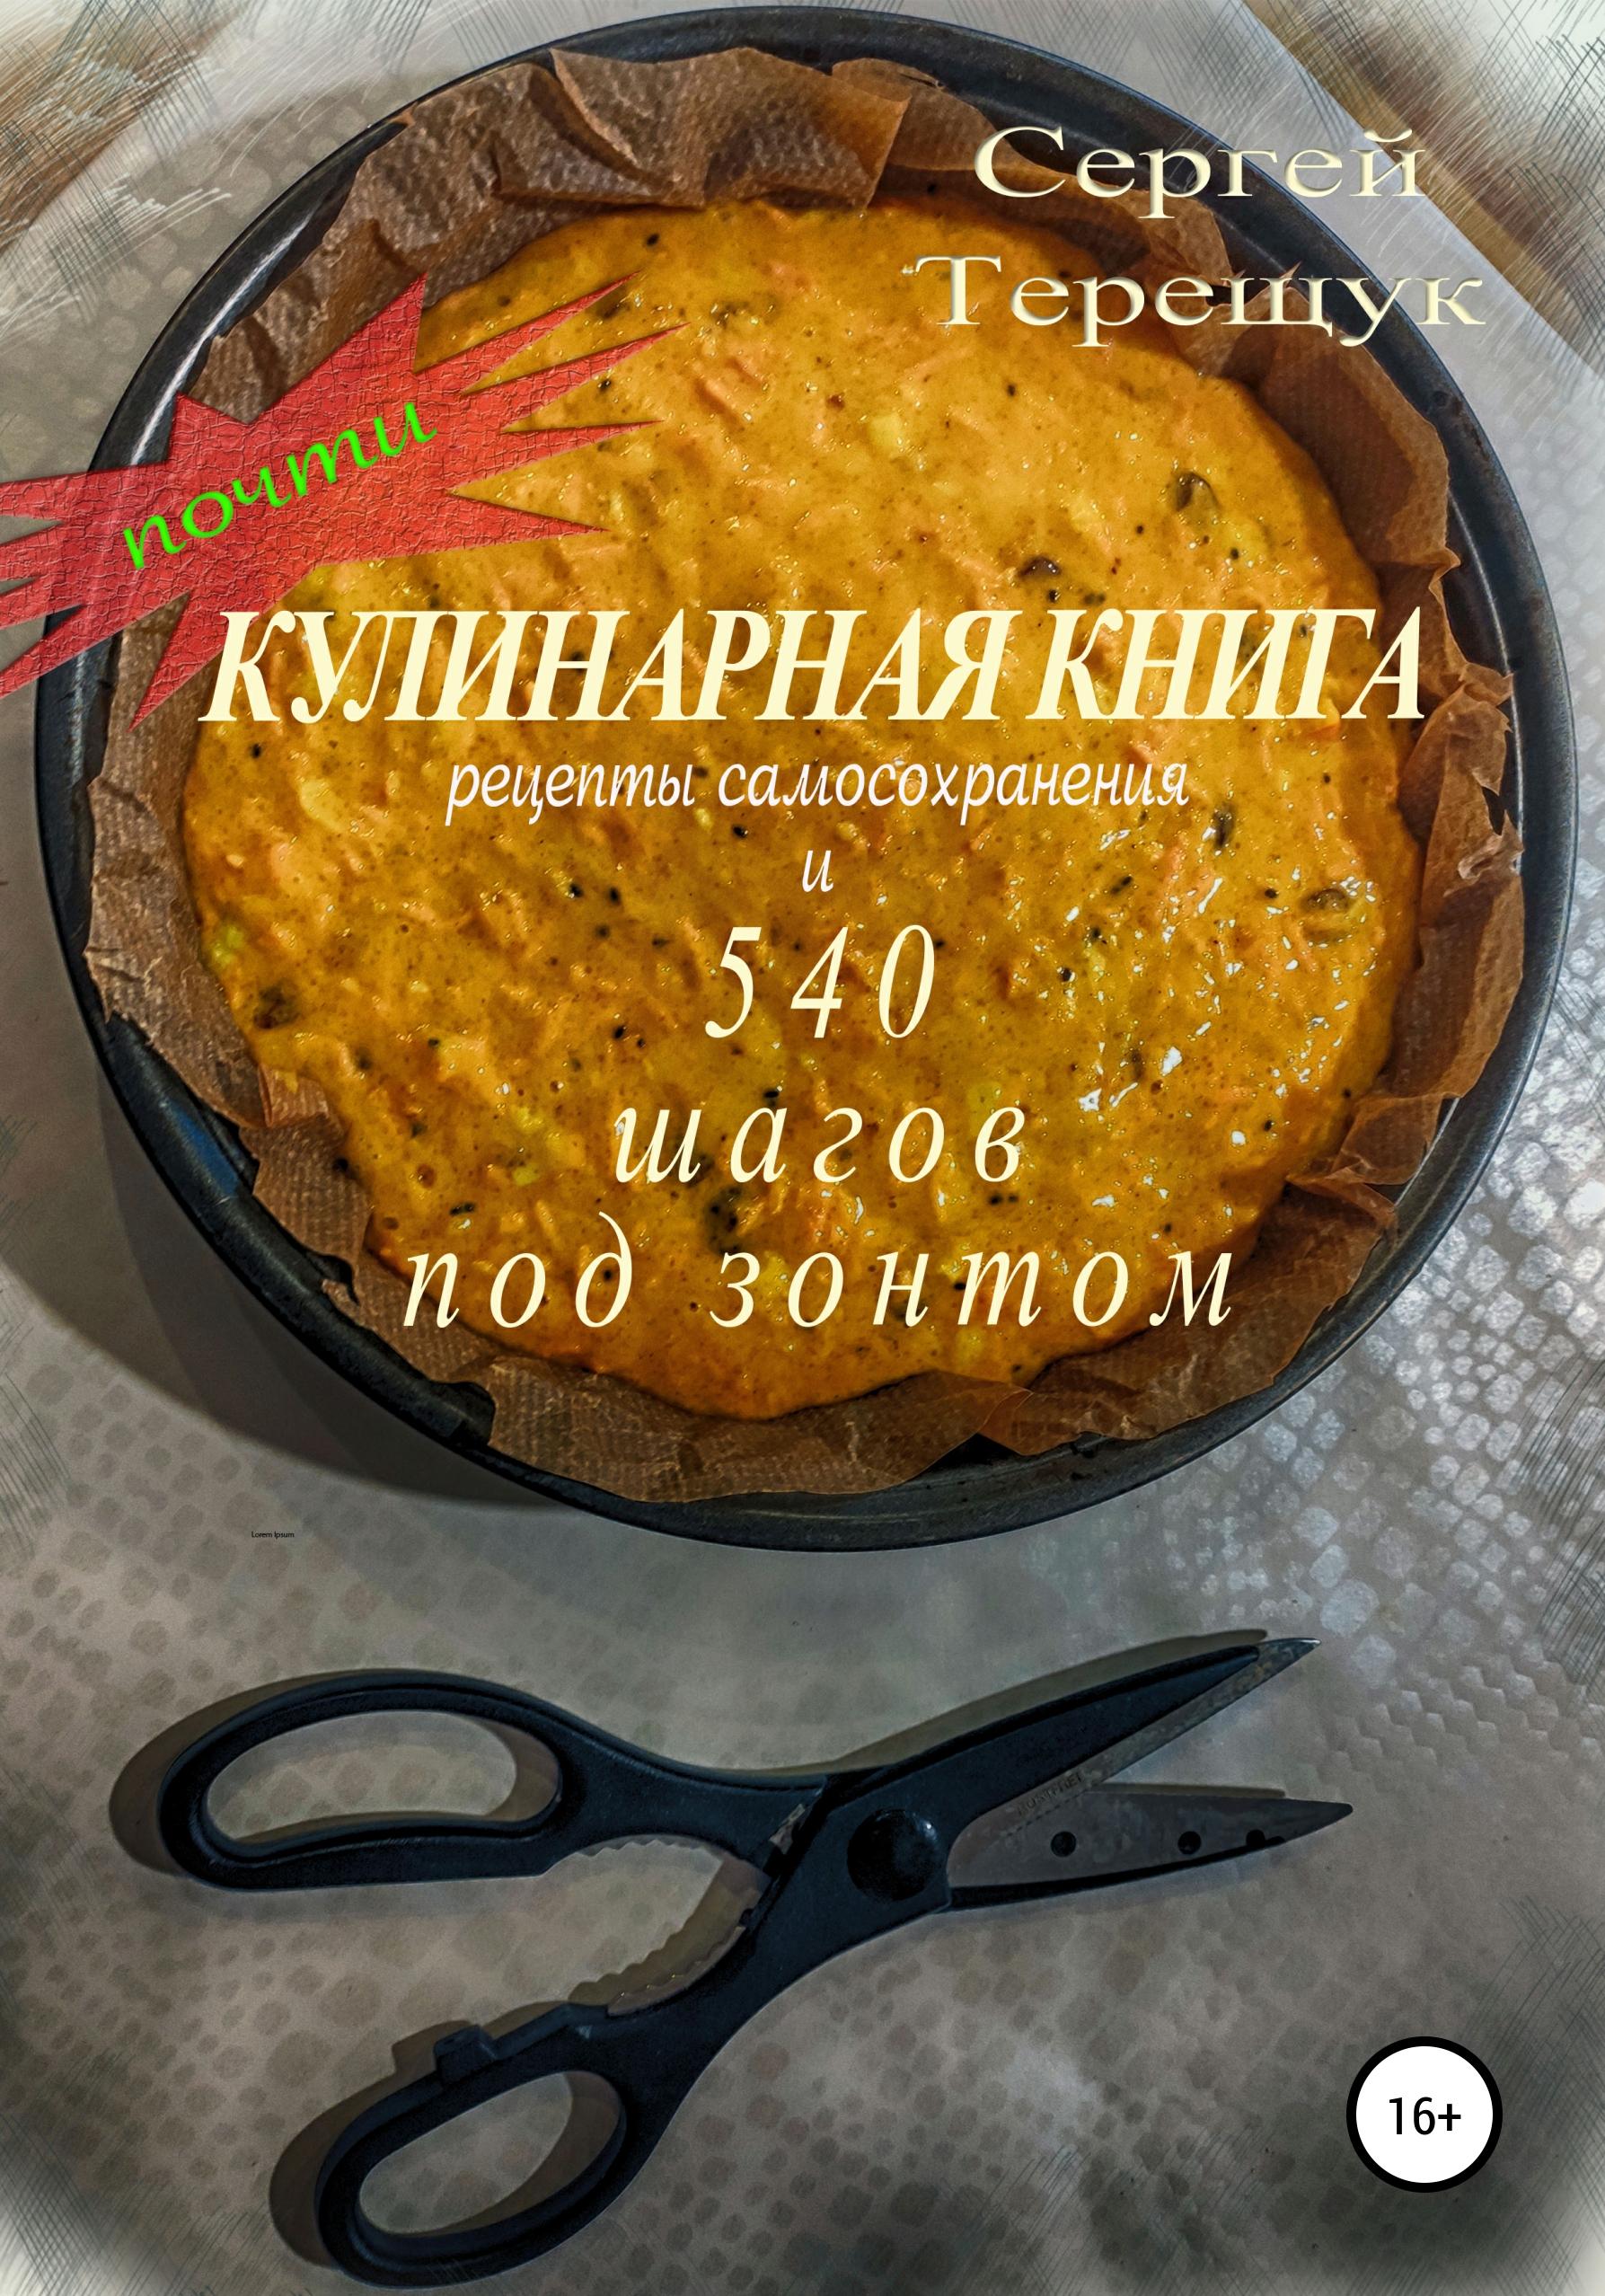 Сергей Терещук Не кулинарная книга с рецептами самосохранения